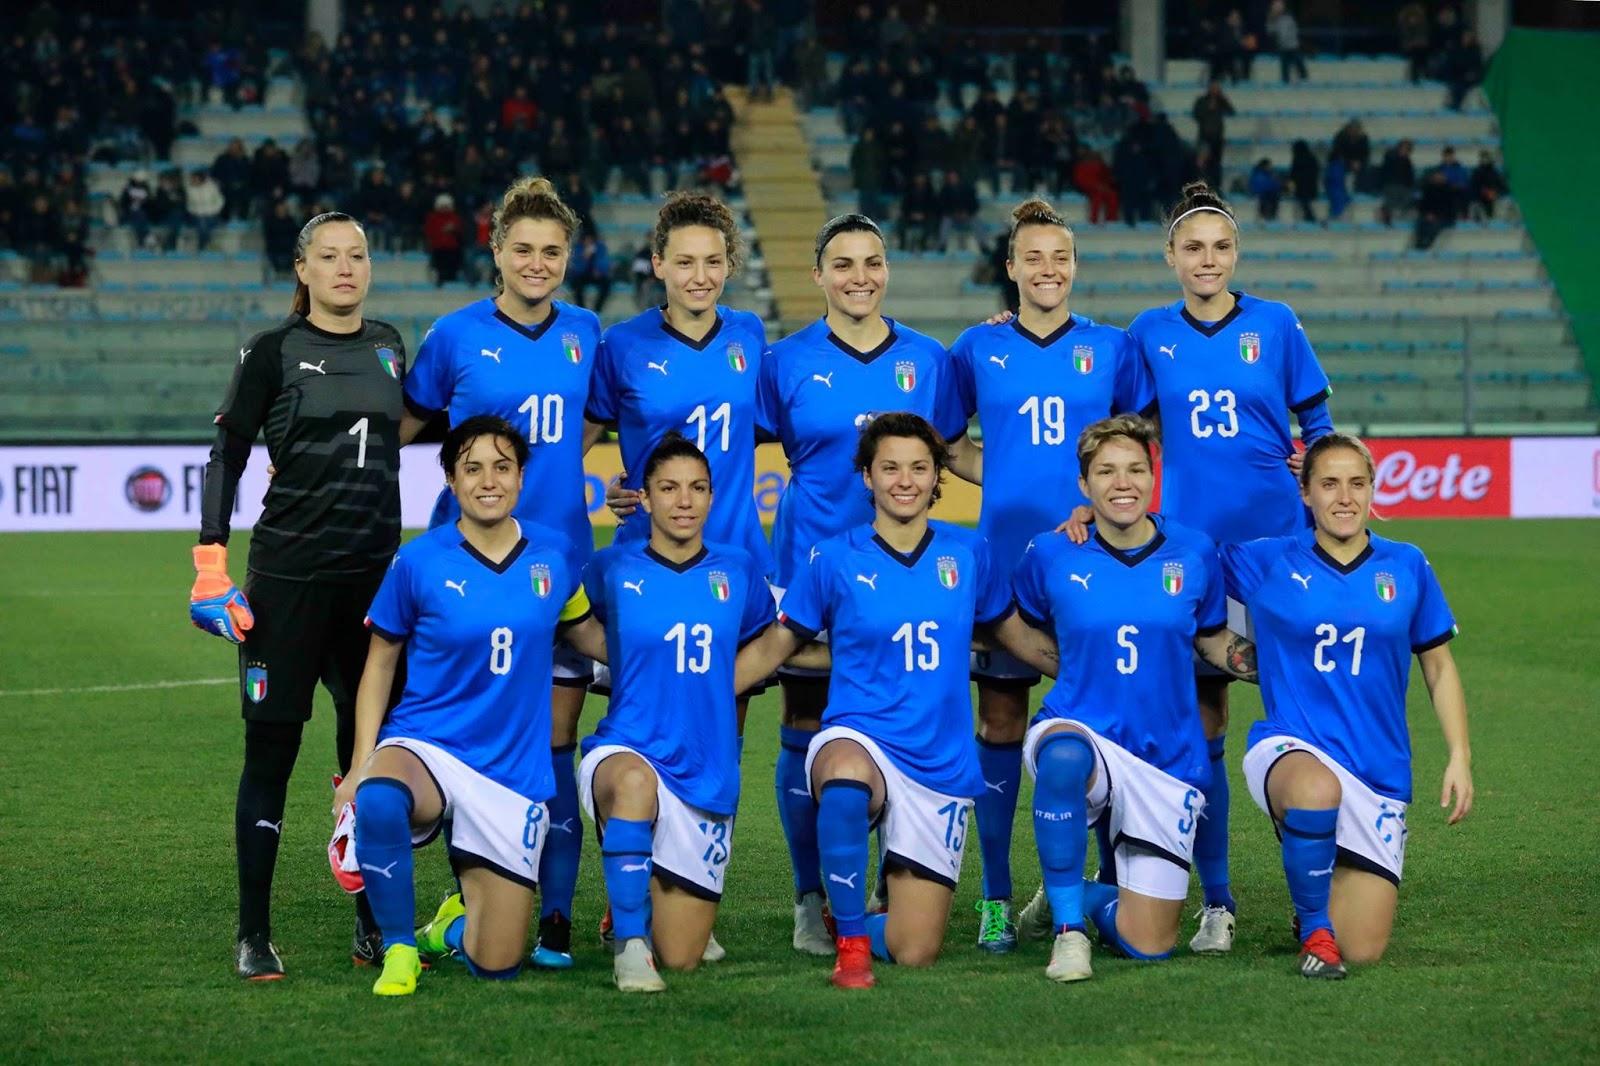 Formación de selección femenina de Italia ante Chile, amistoso disputado el 18 de enero de 2019